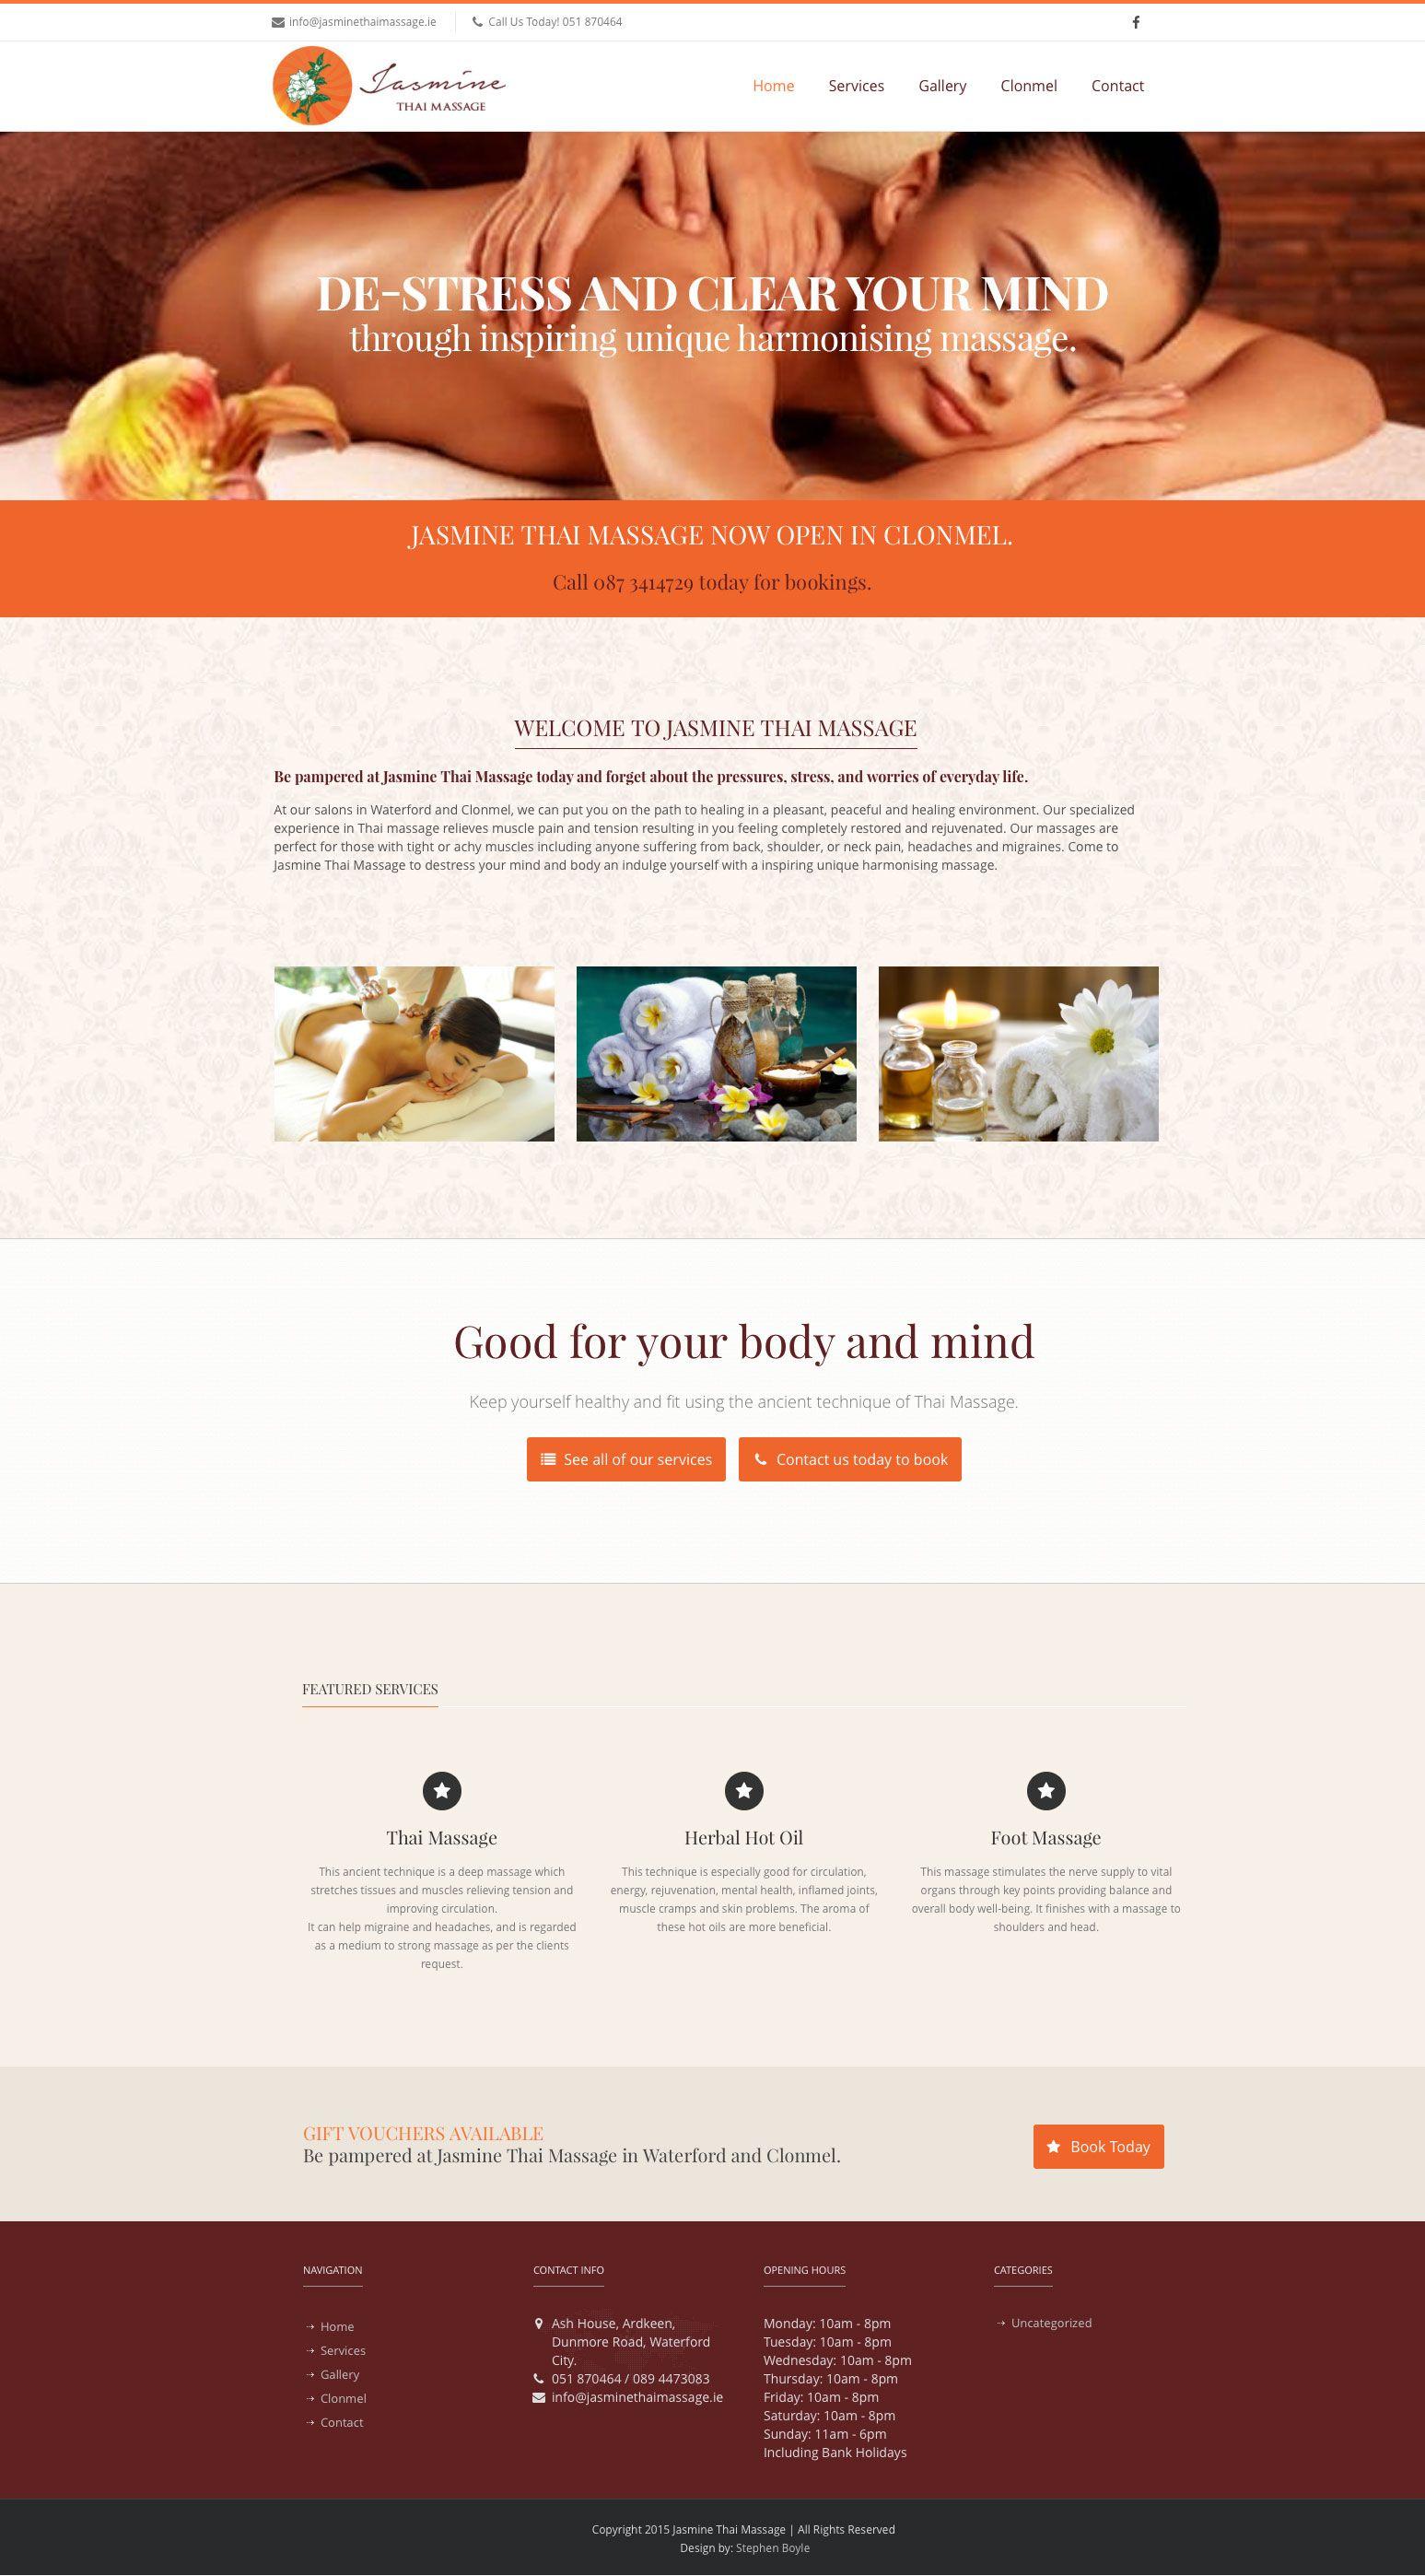 Website Design For Thai Massage Salon In Waterford Ireland Http Jasminethaimassage Ie Webdesign Graphic Website Template Design Spa Website Thai Massage